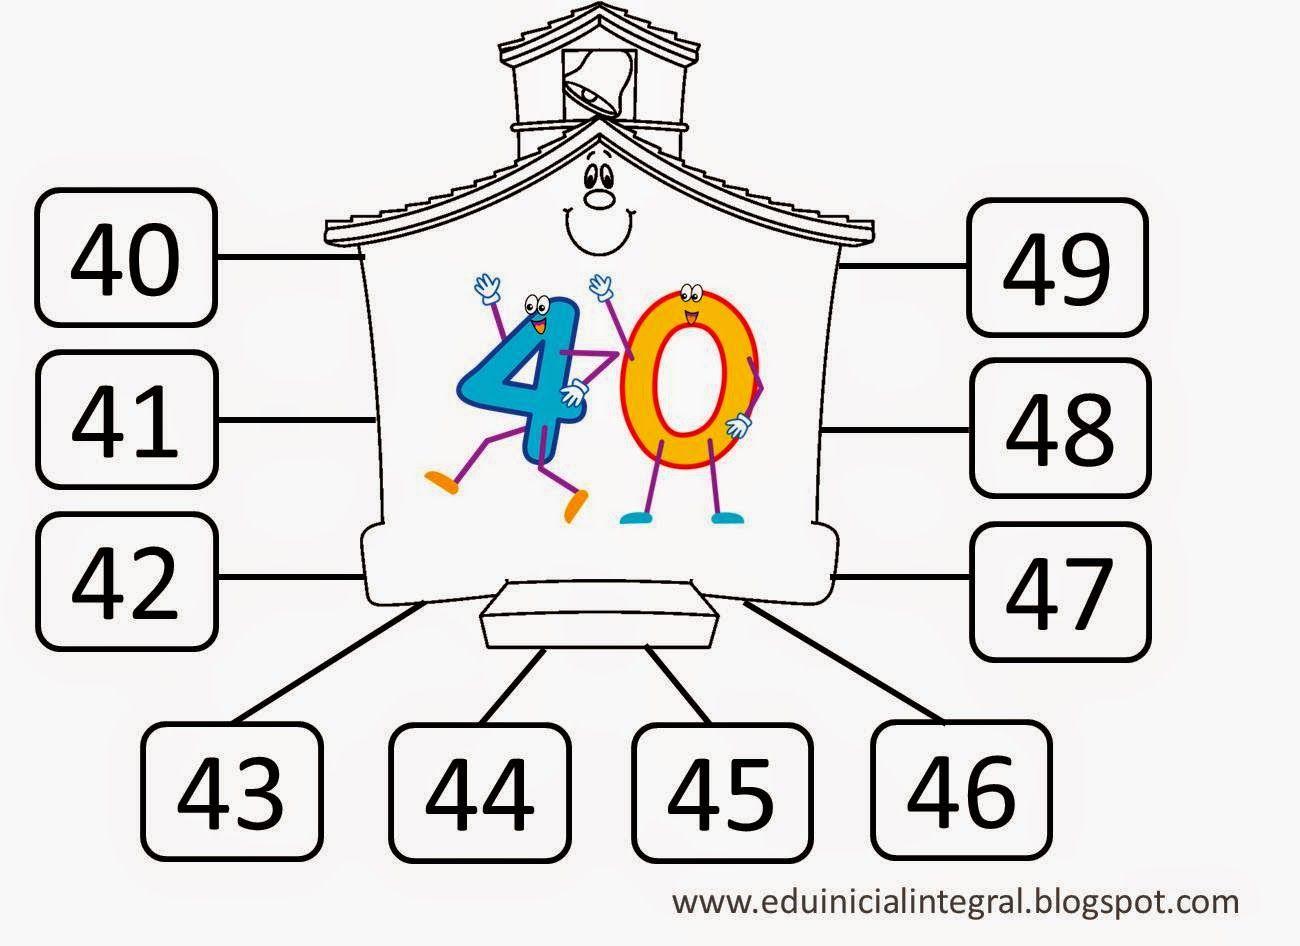 Estimados Lectores A Continuación Podrán Encontrar Gráficos Para Trabajar Con Las Fam Familias De Números Familia Del 20 Material Didactico Para Matematicas